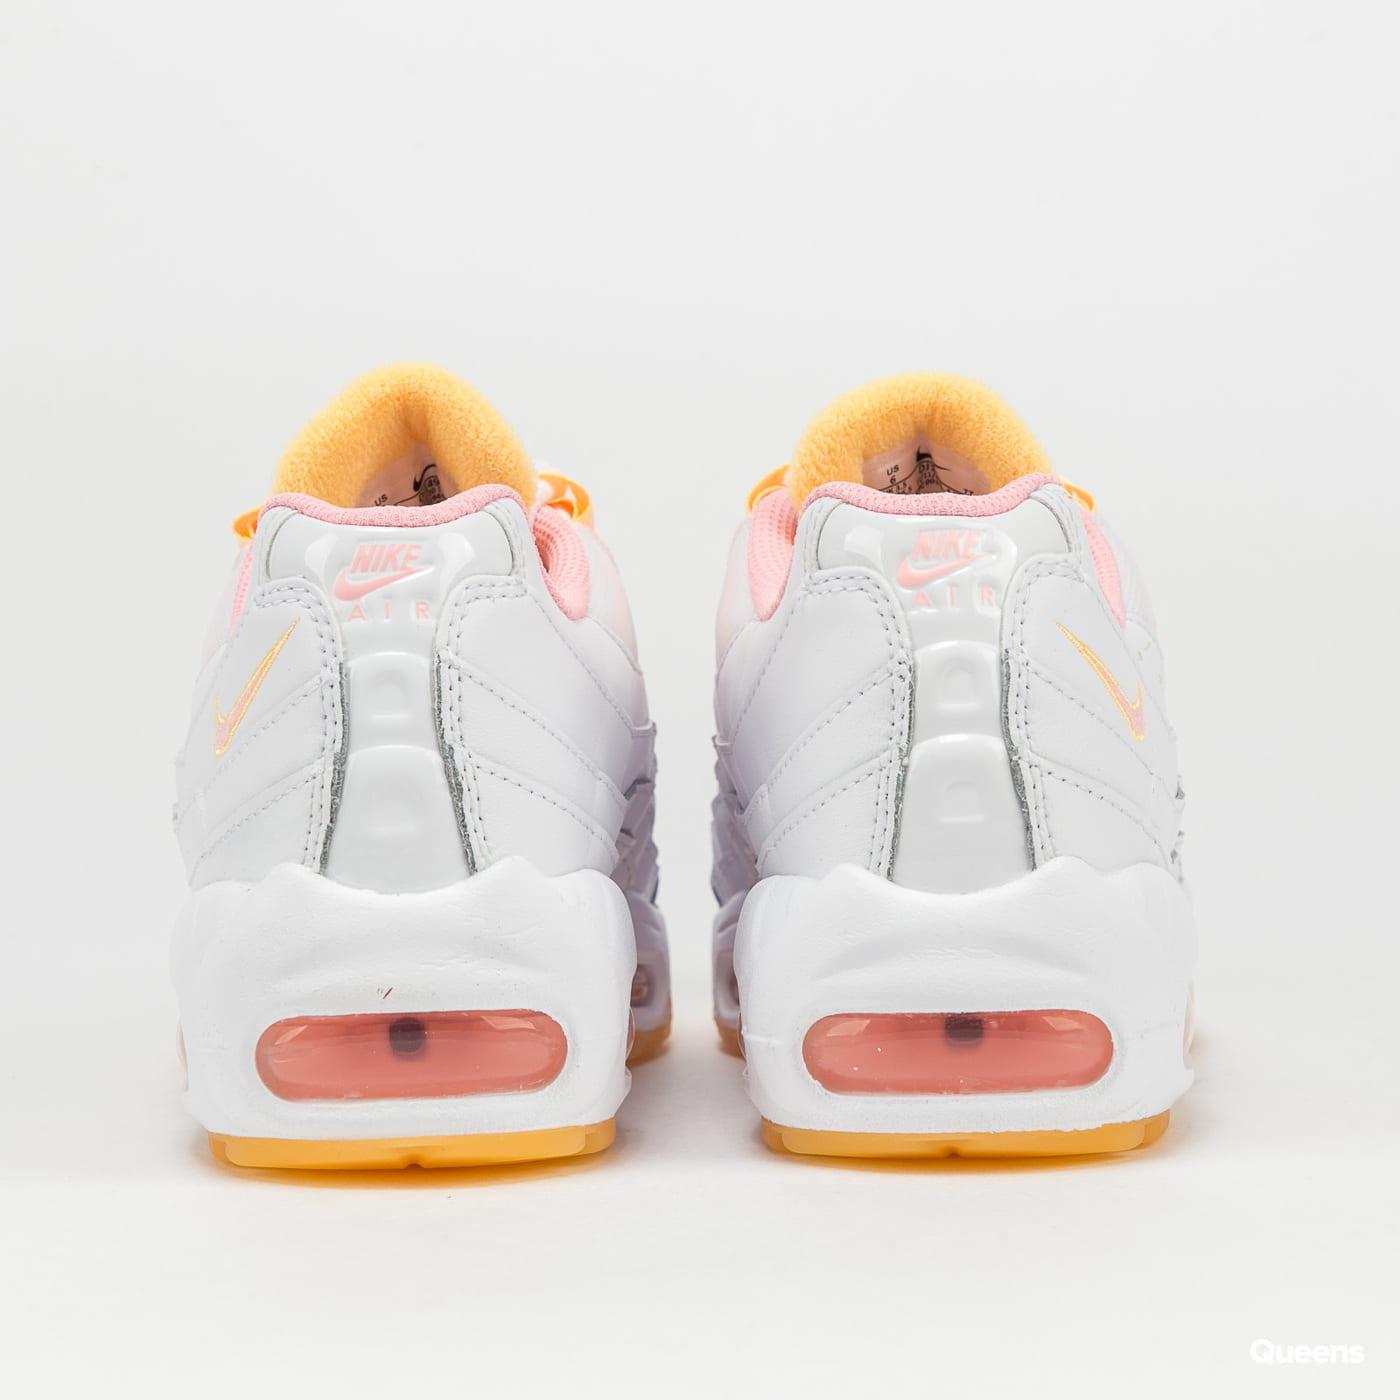 Nike W Air Max 95 white / arctic punch - melon tint